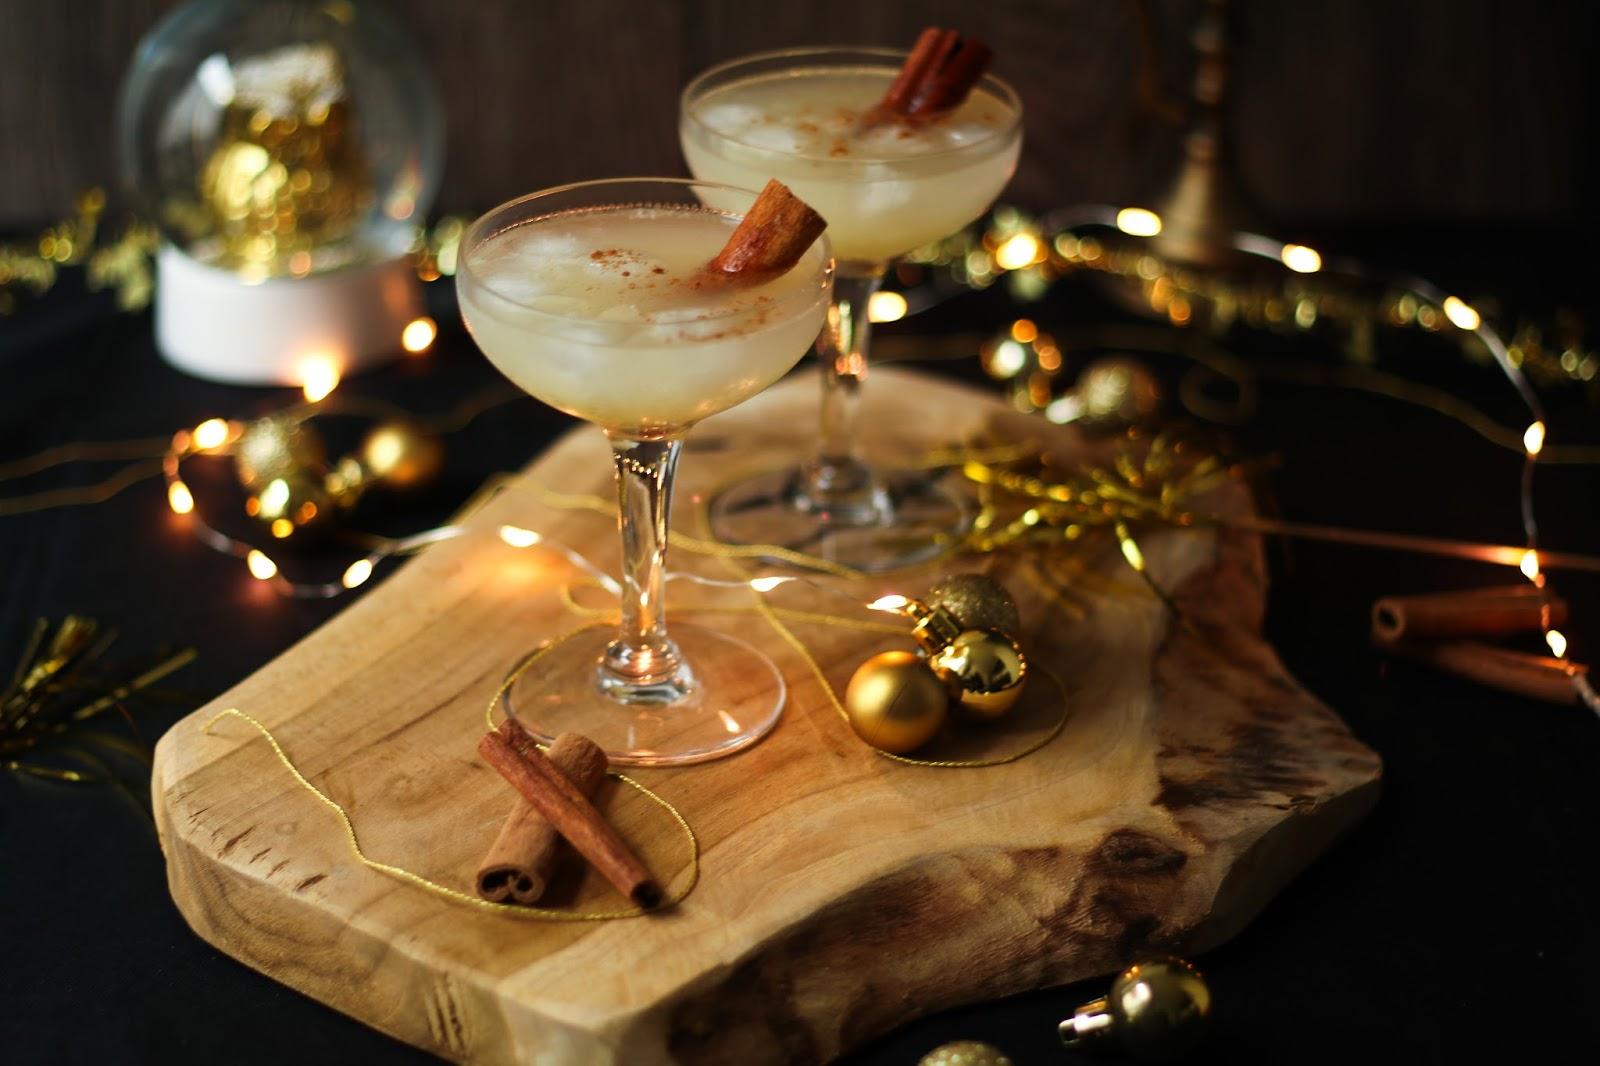 Recette cocktail poire cannelle